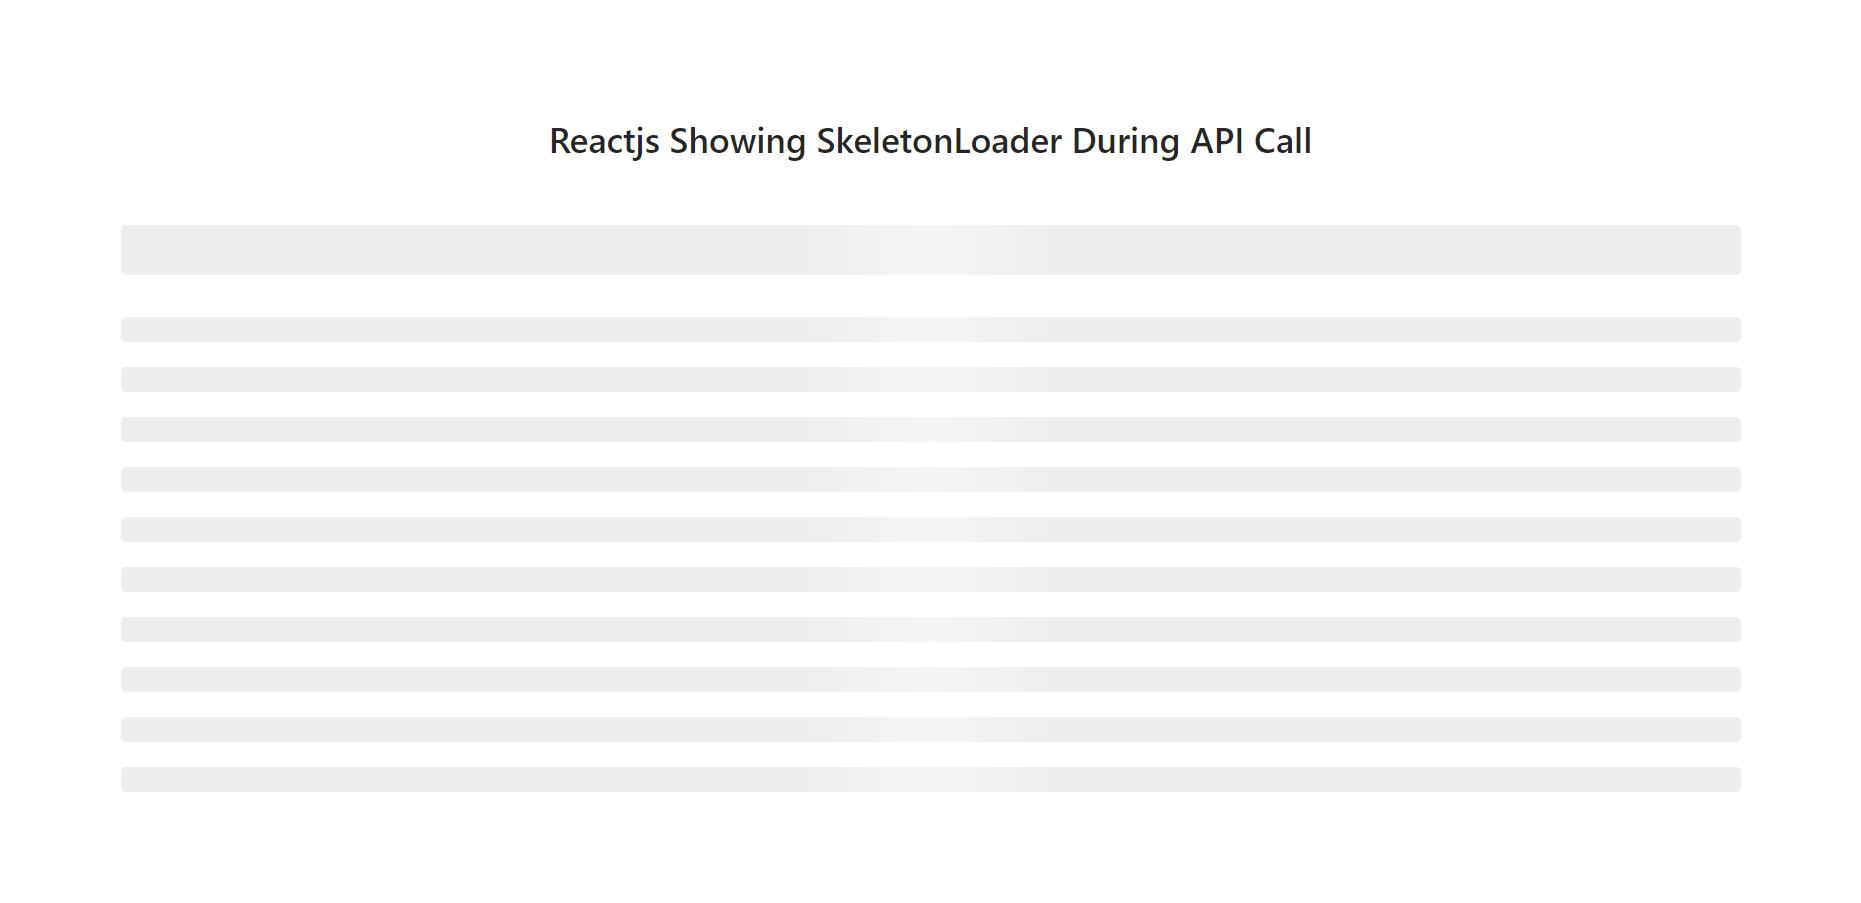 Reactjs Showing Skeleton Loader During API Call